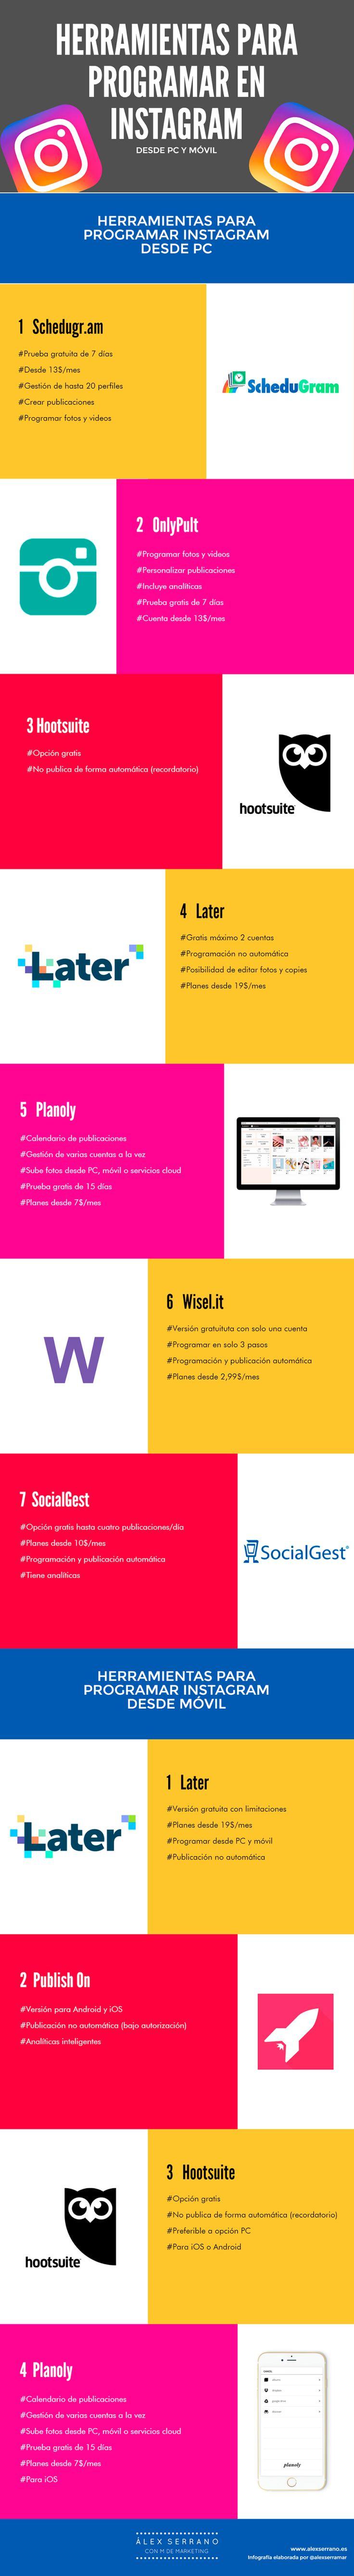 Herramientas para programar en Instagram #infografía